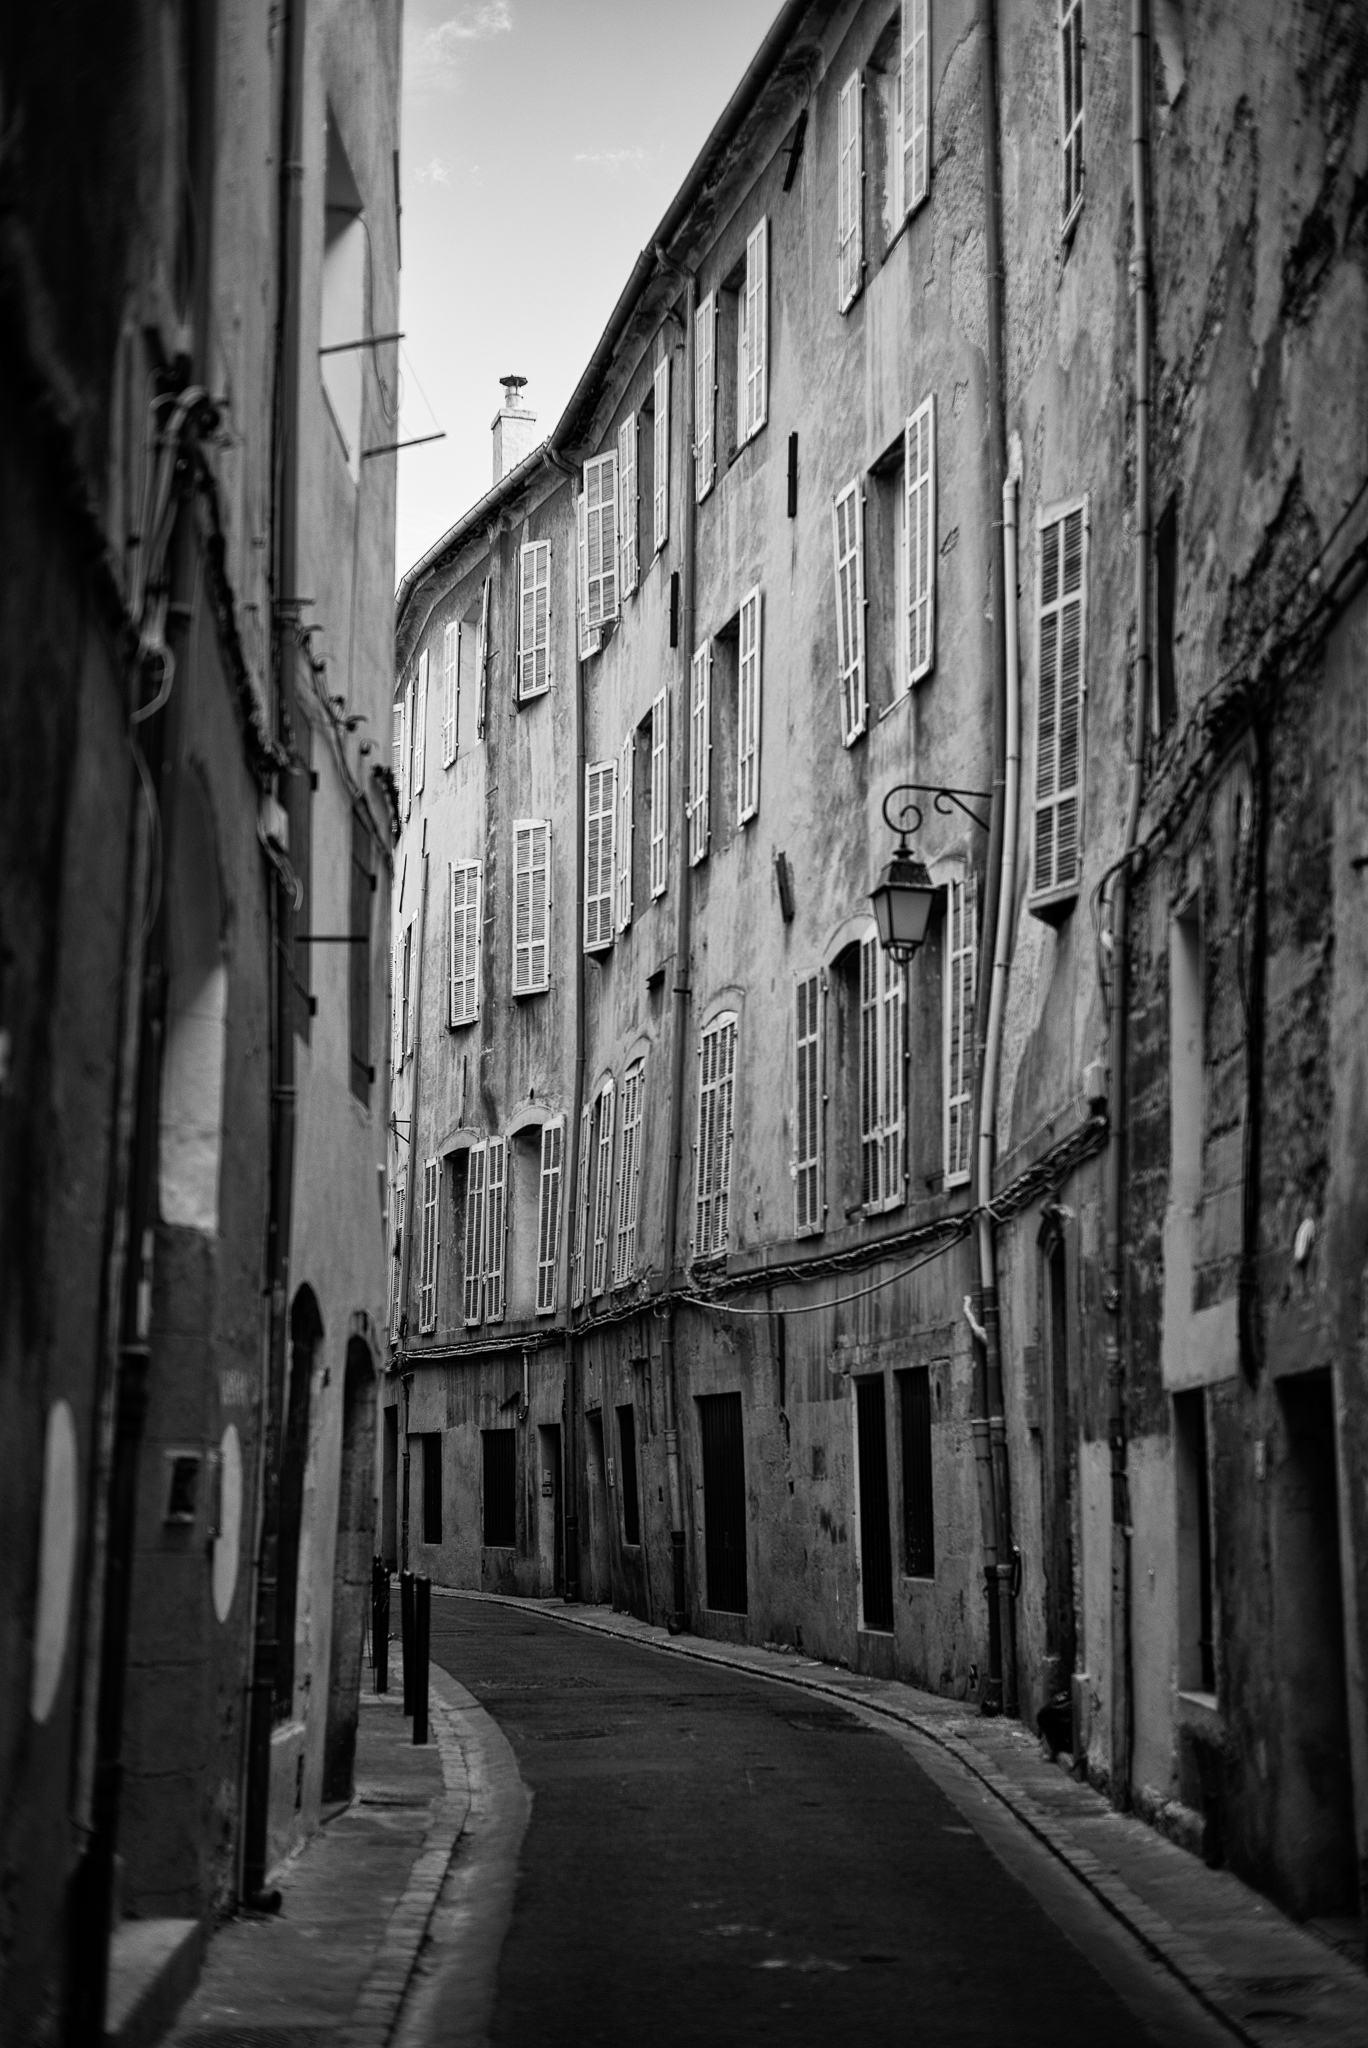 20160613 Aix-en-Provence-1007180-Edit.jpg